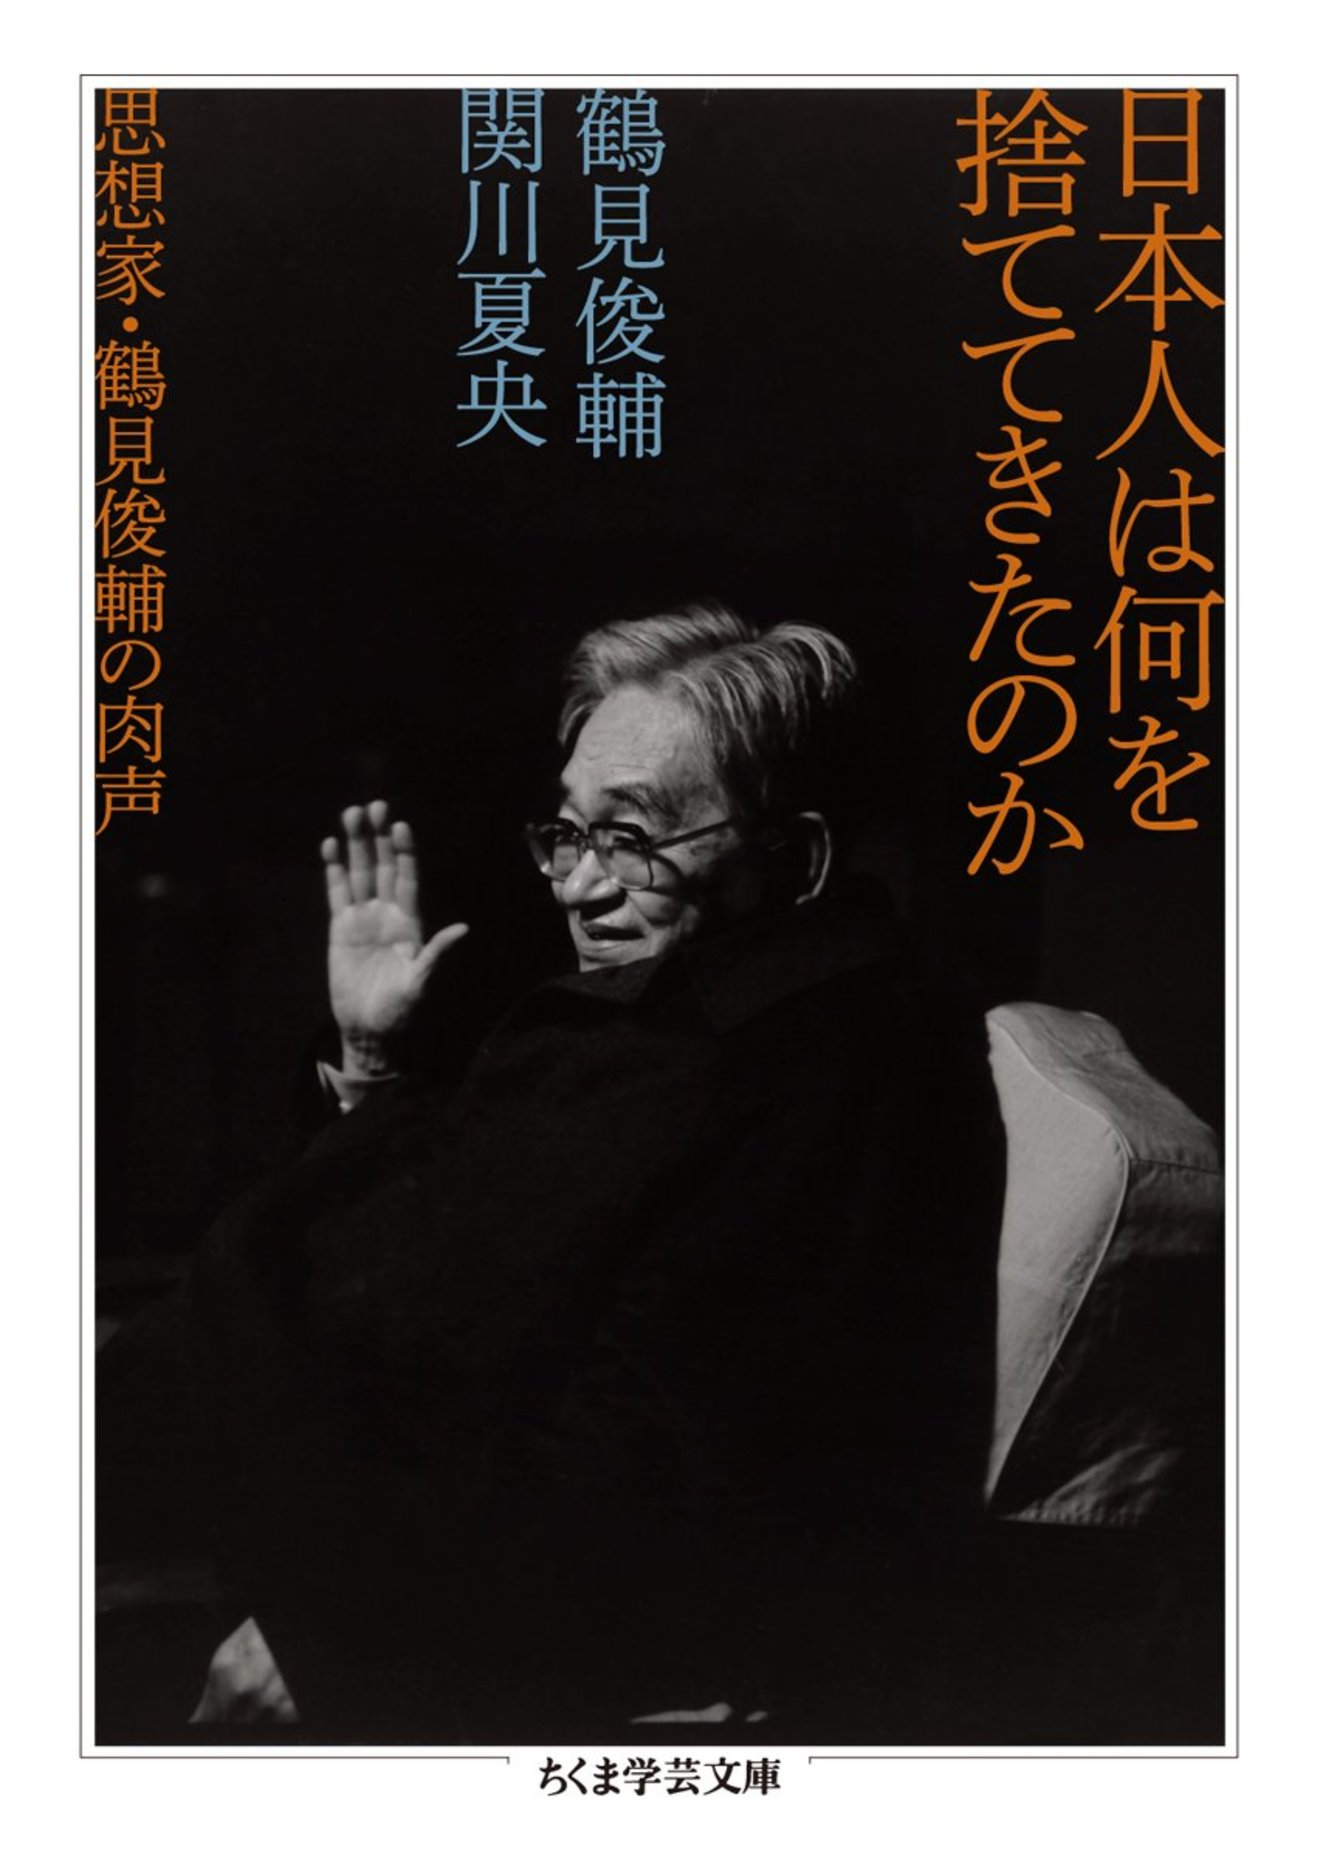 鶴見俊輔のおすすめ本5選!日本の思想家、哲学者